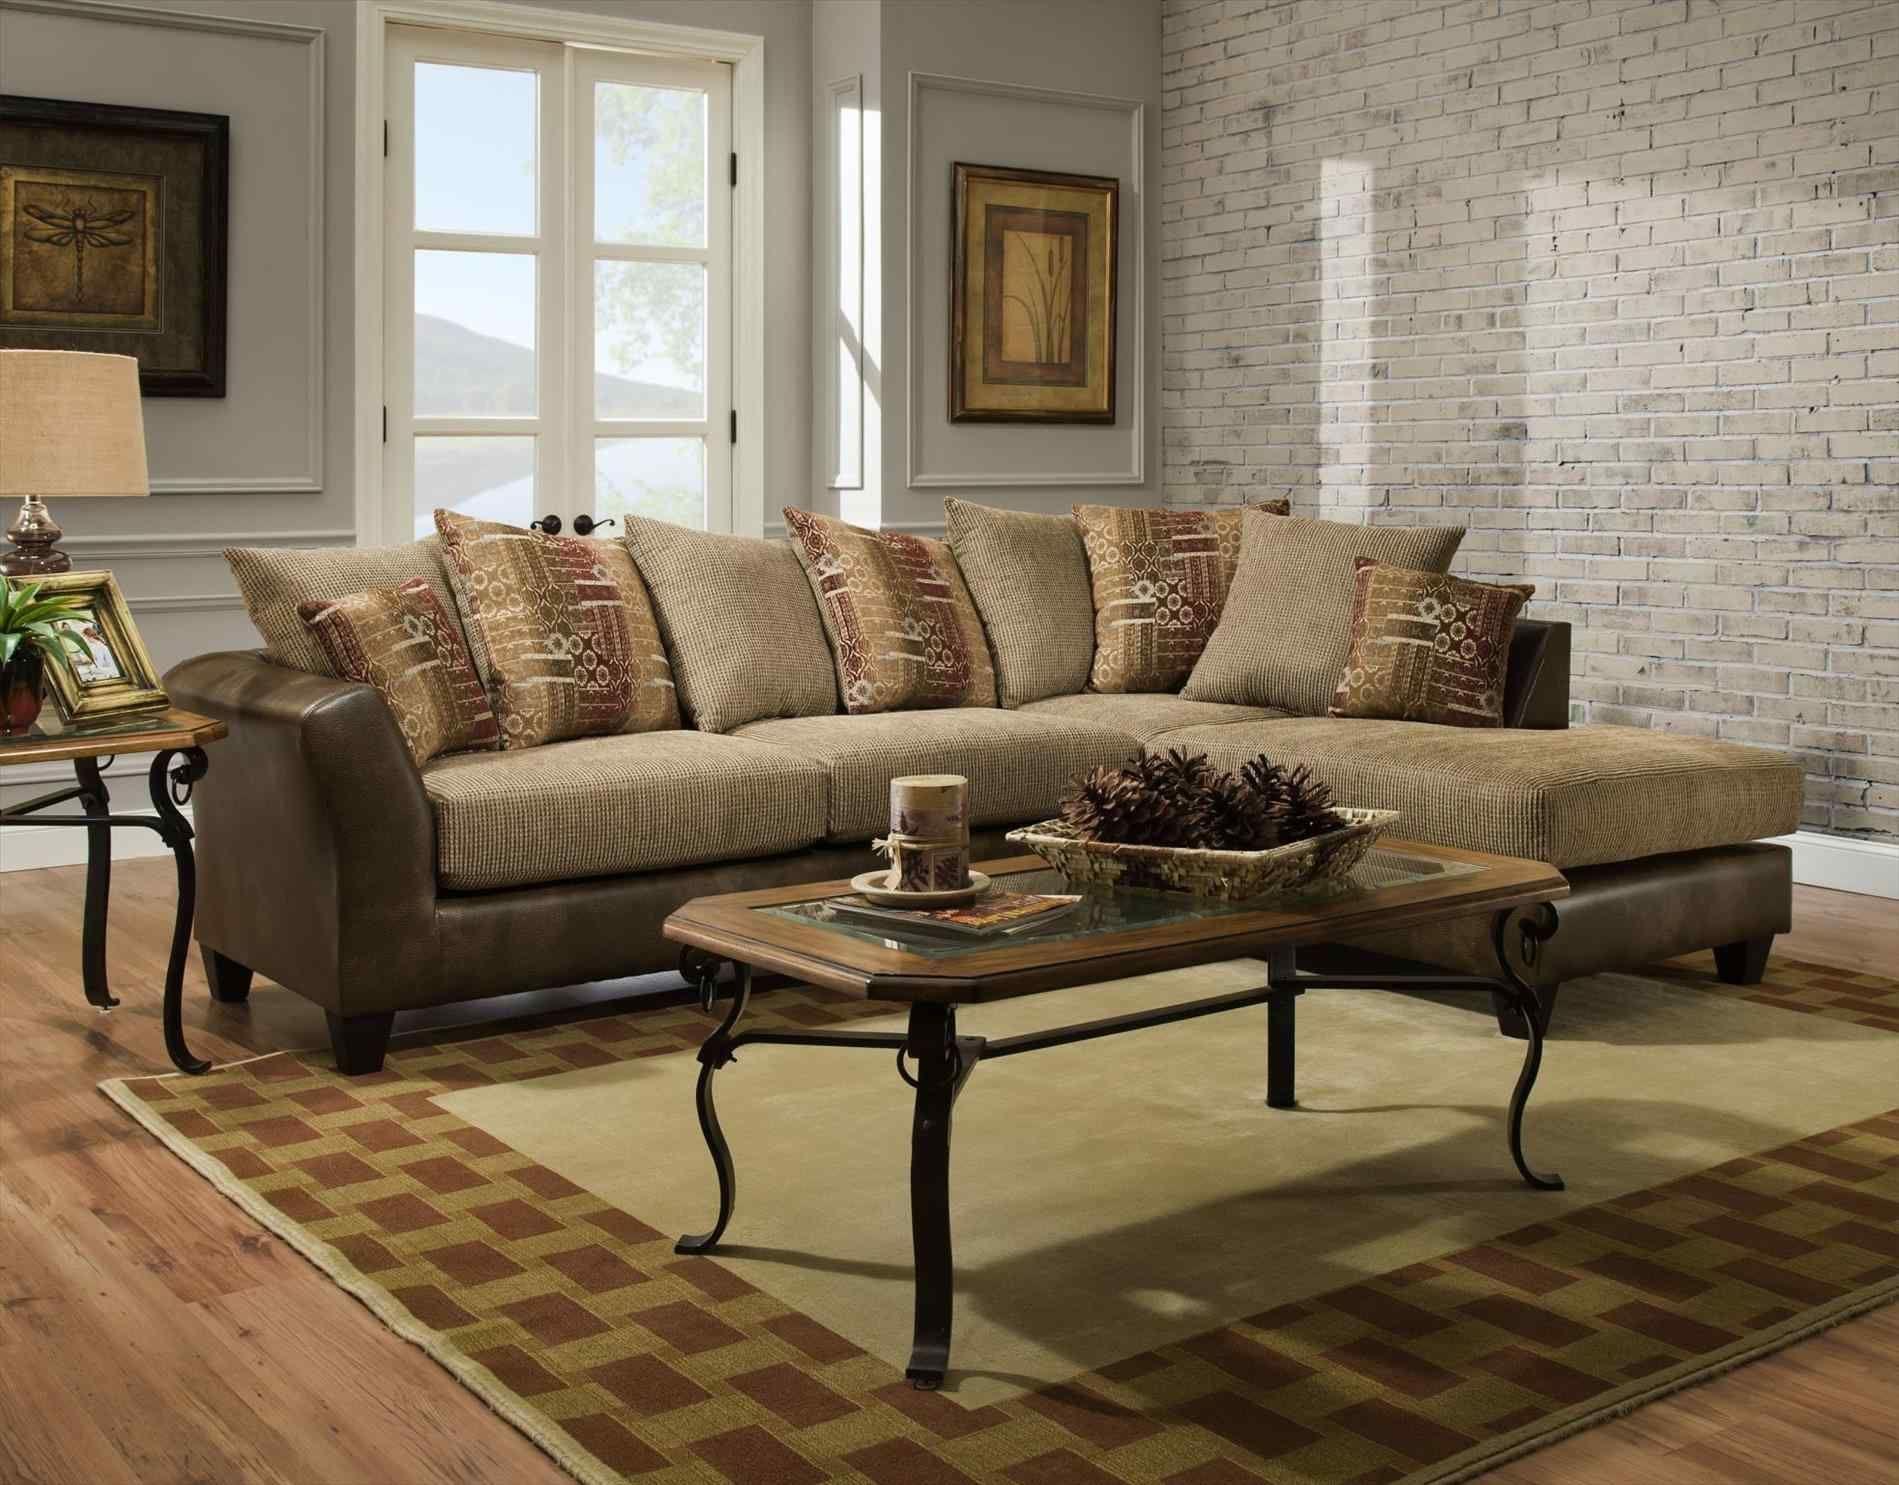 Sectional Sofas Contemporary U Designer Cadomoderncom Leather Menlo Park American Made Nolan Dual Reclining Sofa